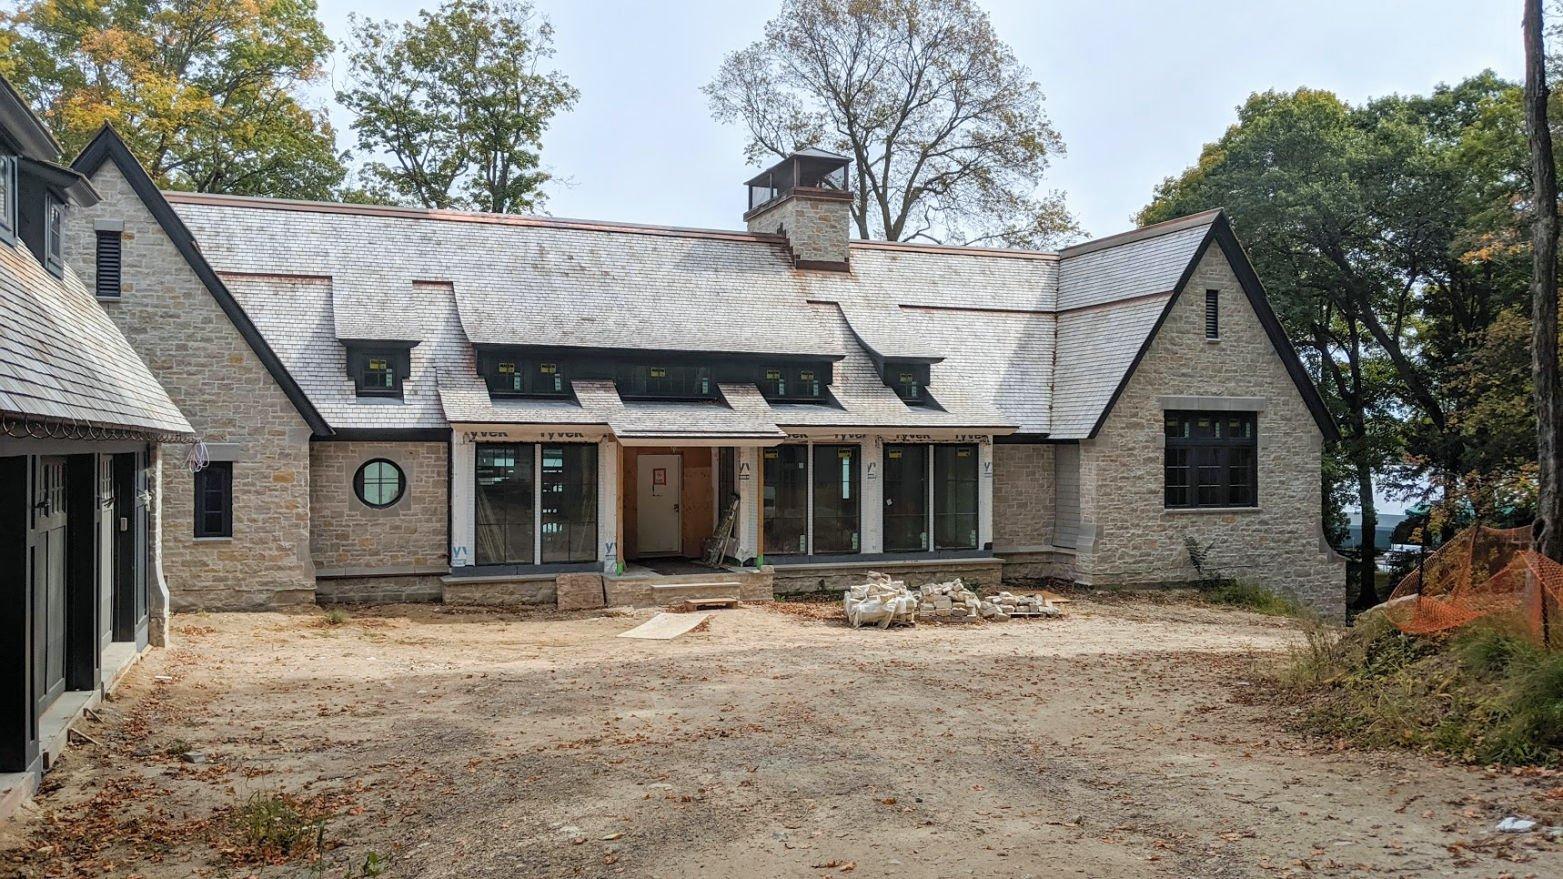 Lakeside stone cottage under construction